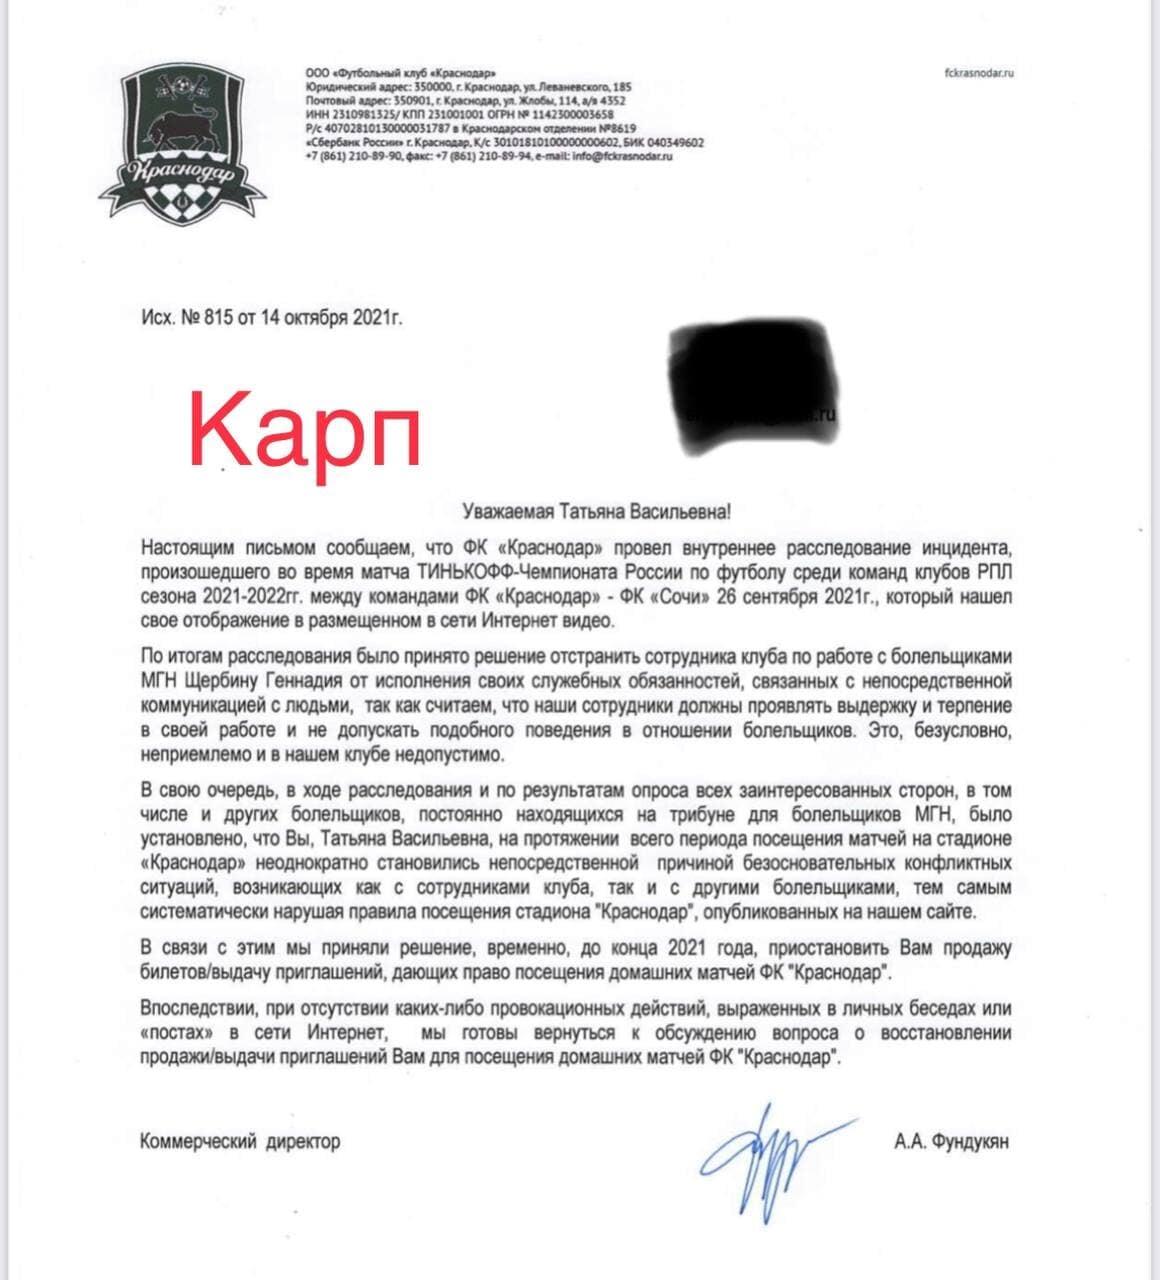 «Краснодар» отстранил от работы с людьми сотрудника, конфликтовавшего с болельщицей-инвалидом. Ее саму не будут пускать на стадион до конца года